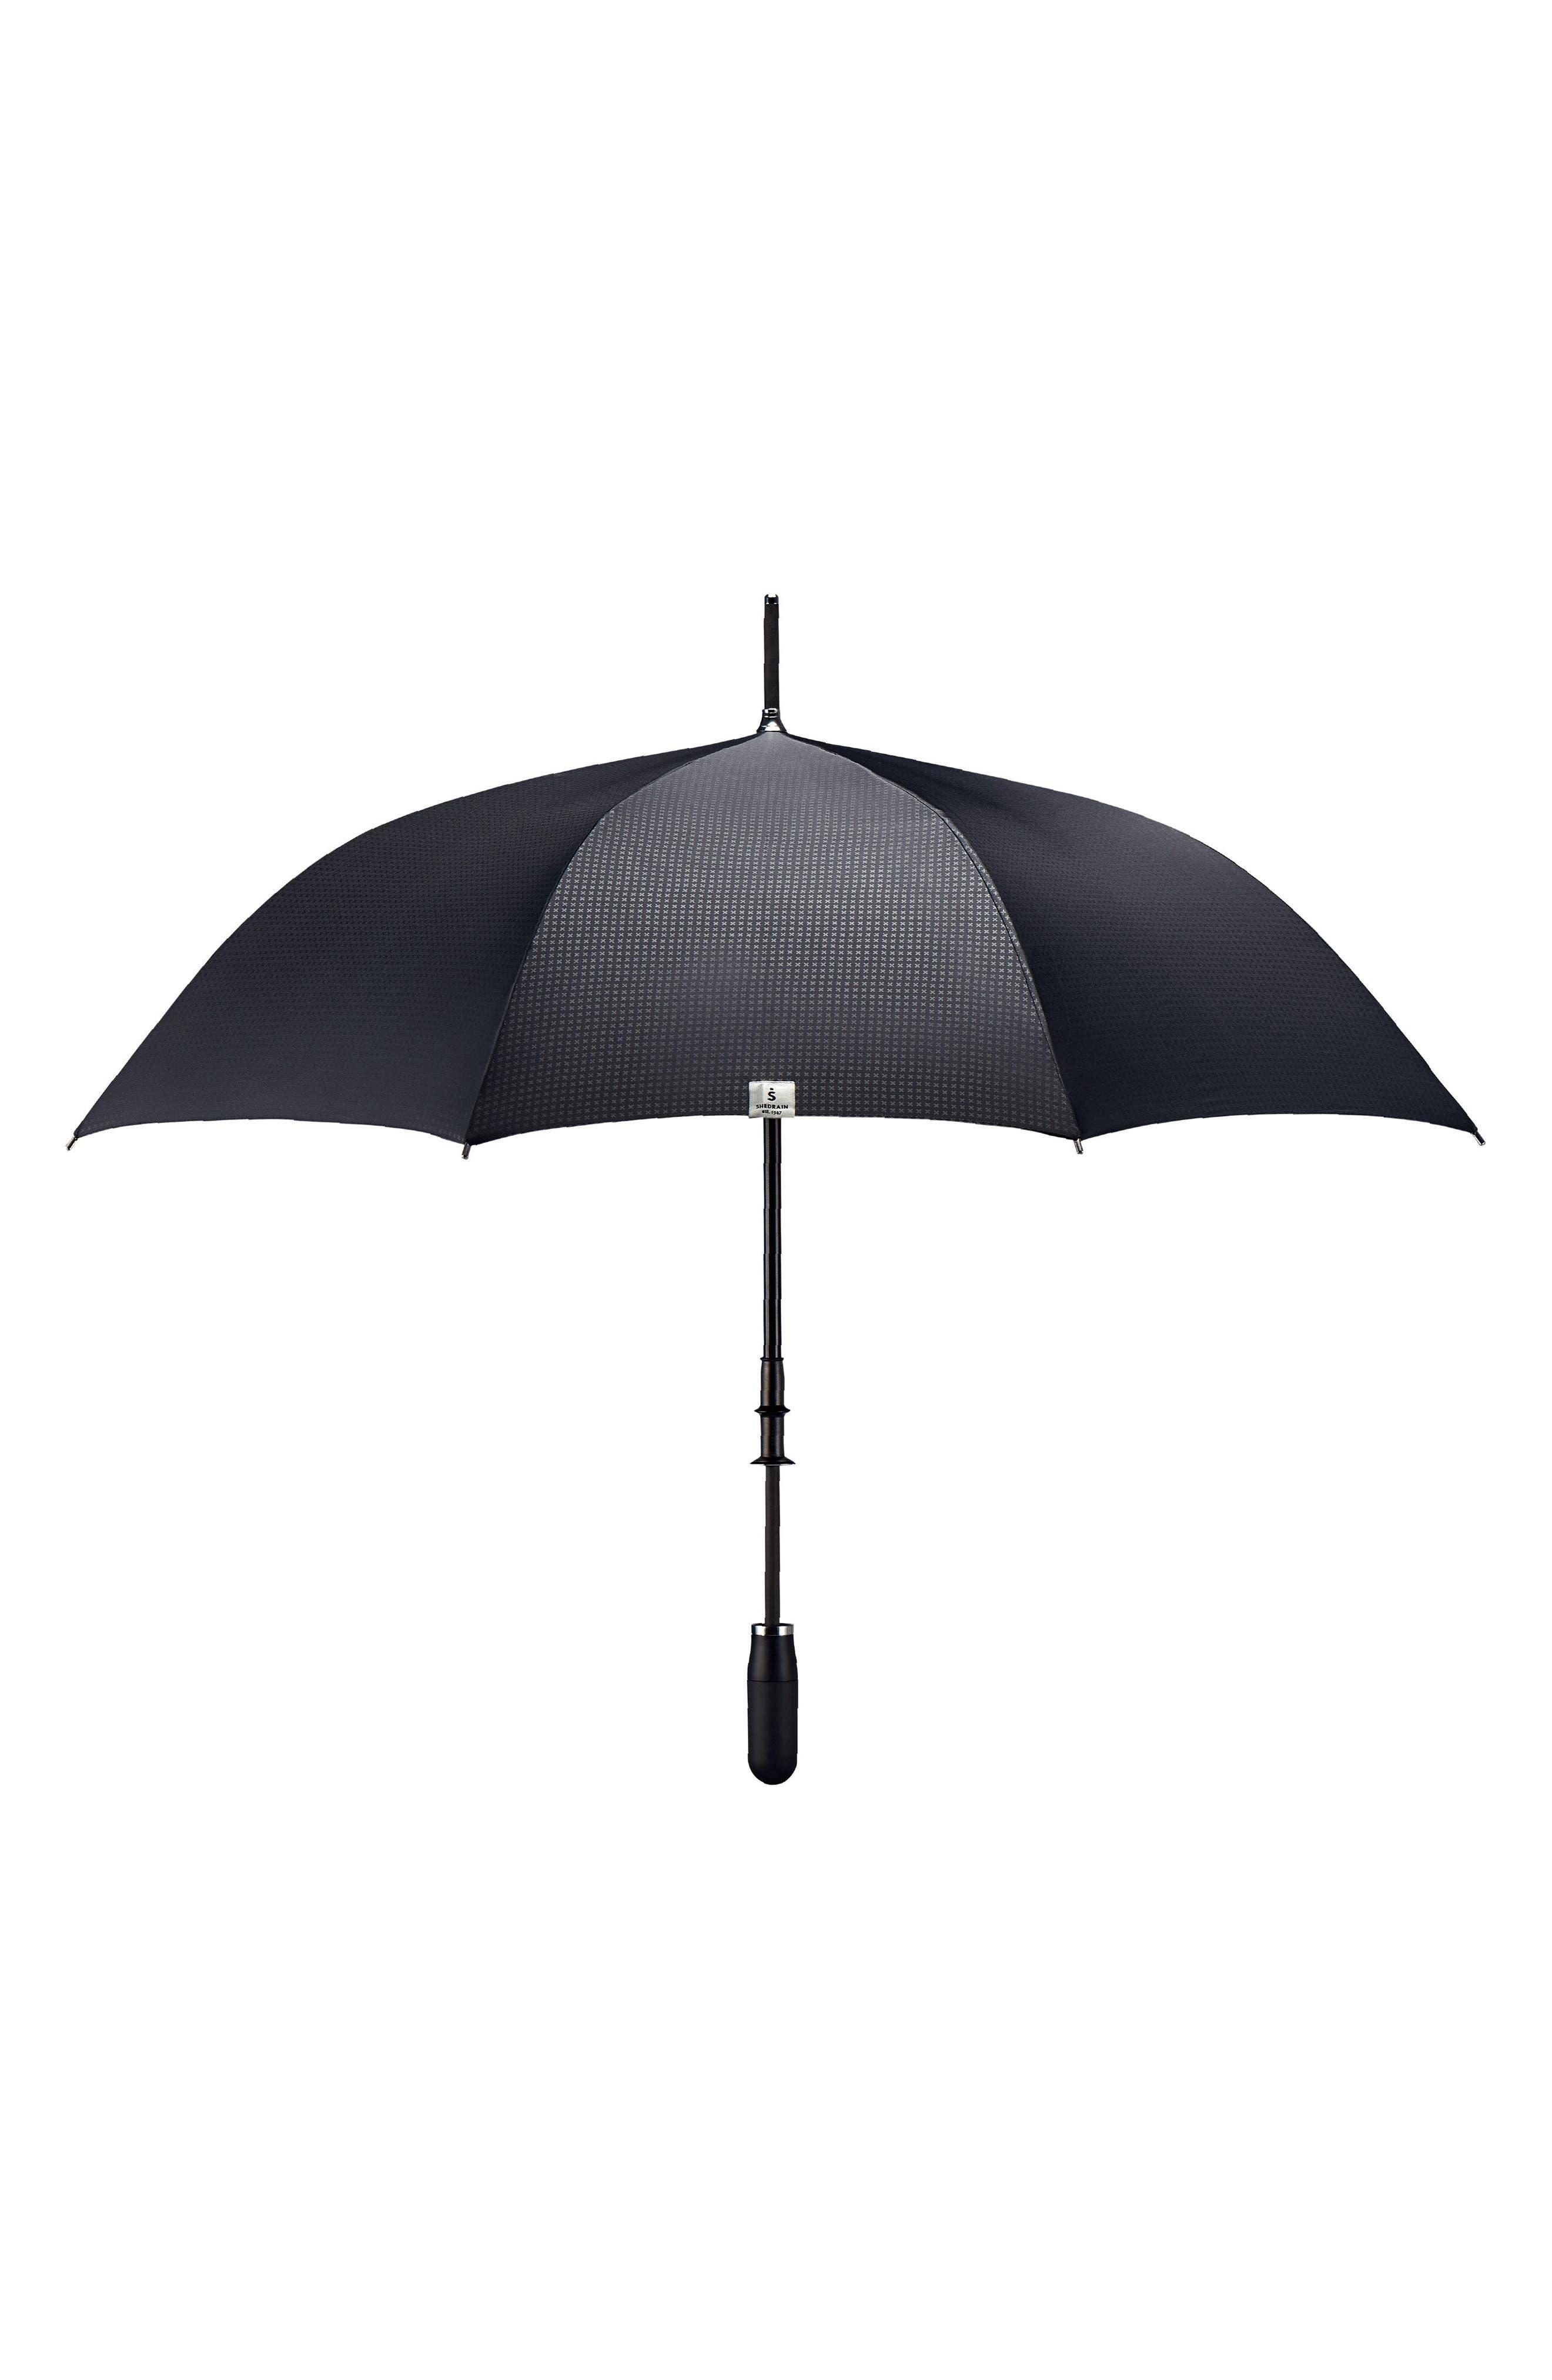 Alternate Image 3  - ShedRain Stratus Auto Open Stick Umbrella